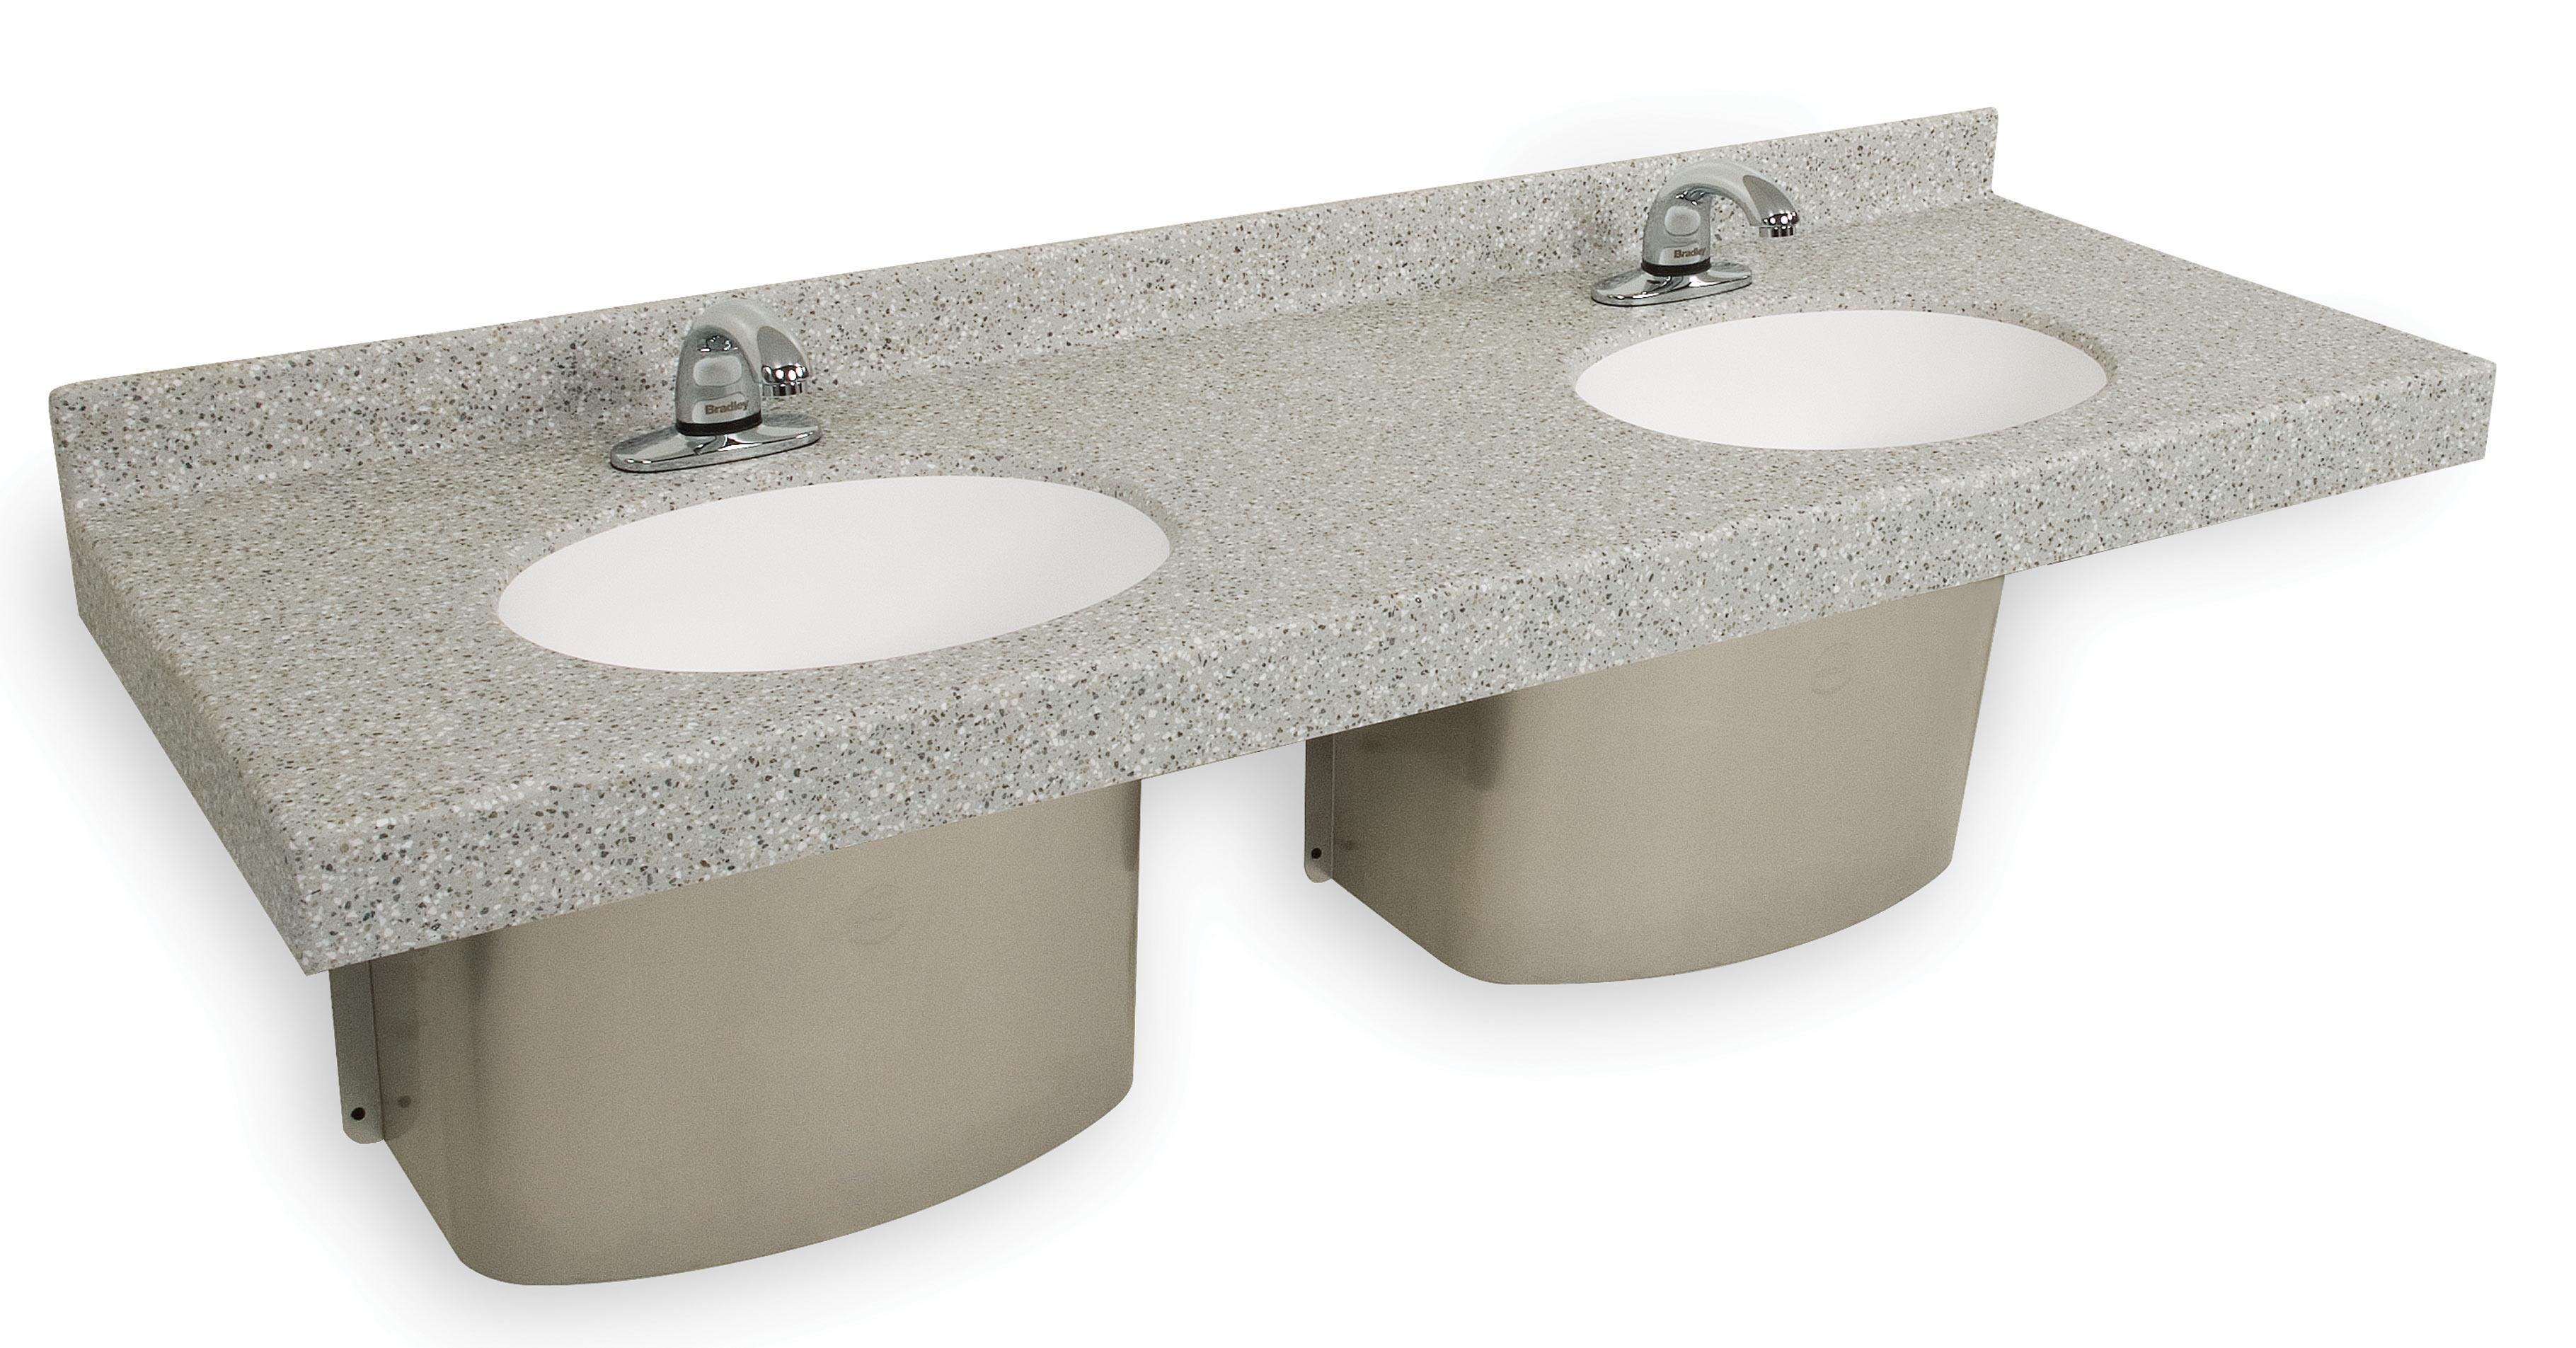 Omnideck con lavamanos ovalado bradley corporation for Lavamanos empotrados